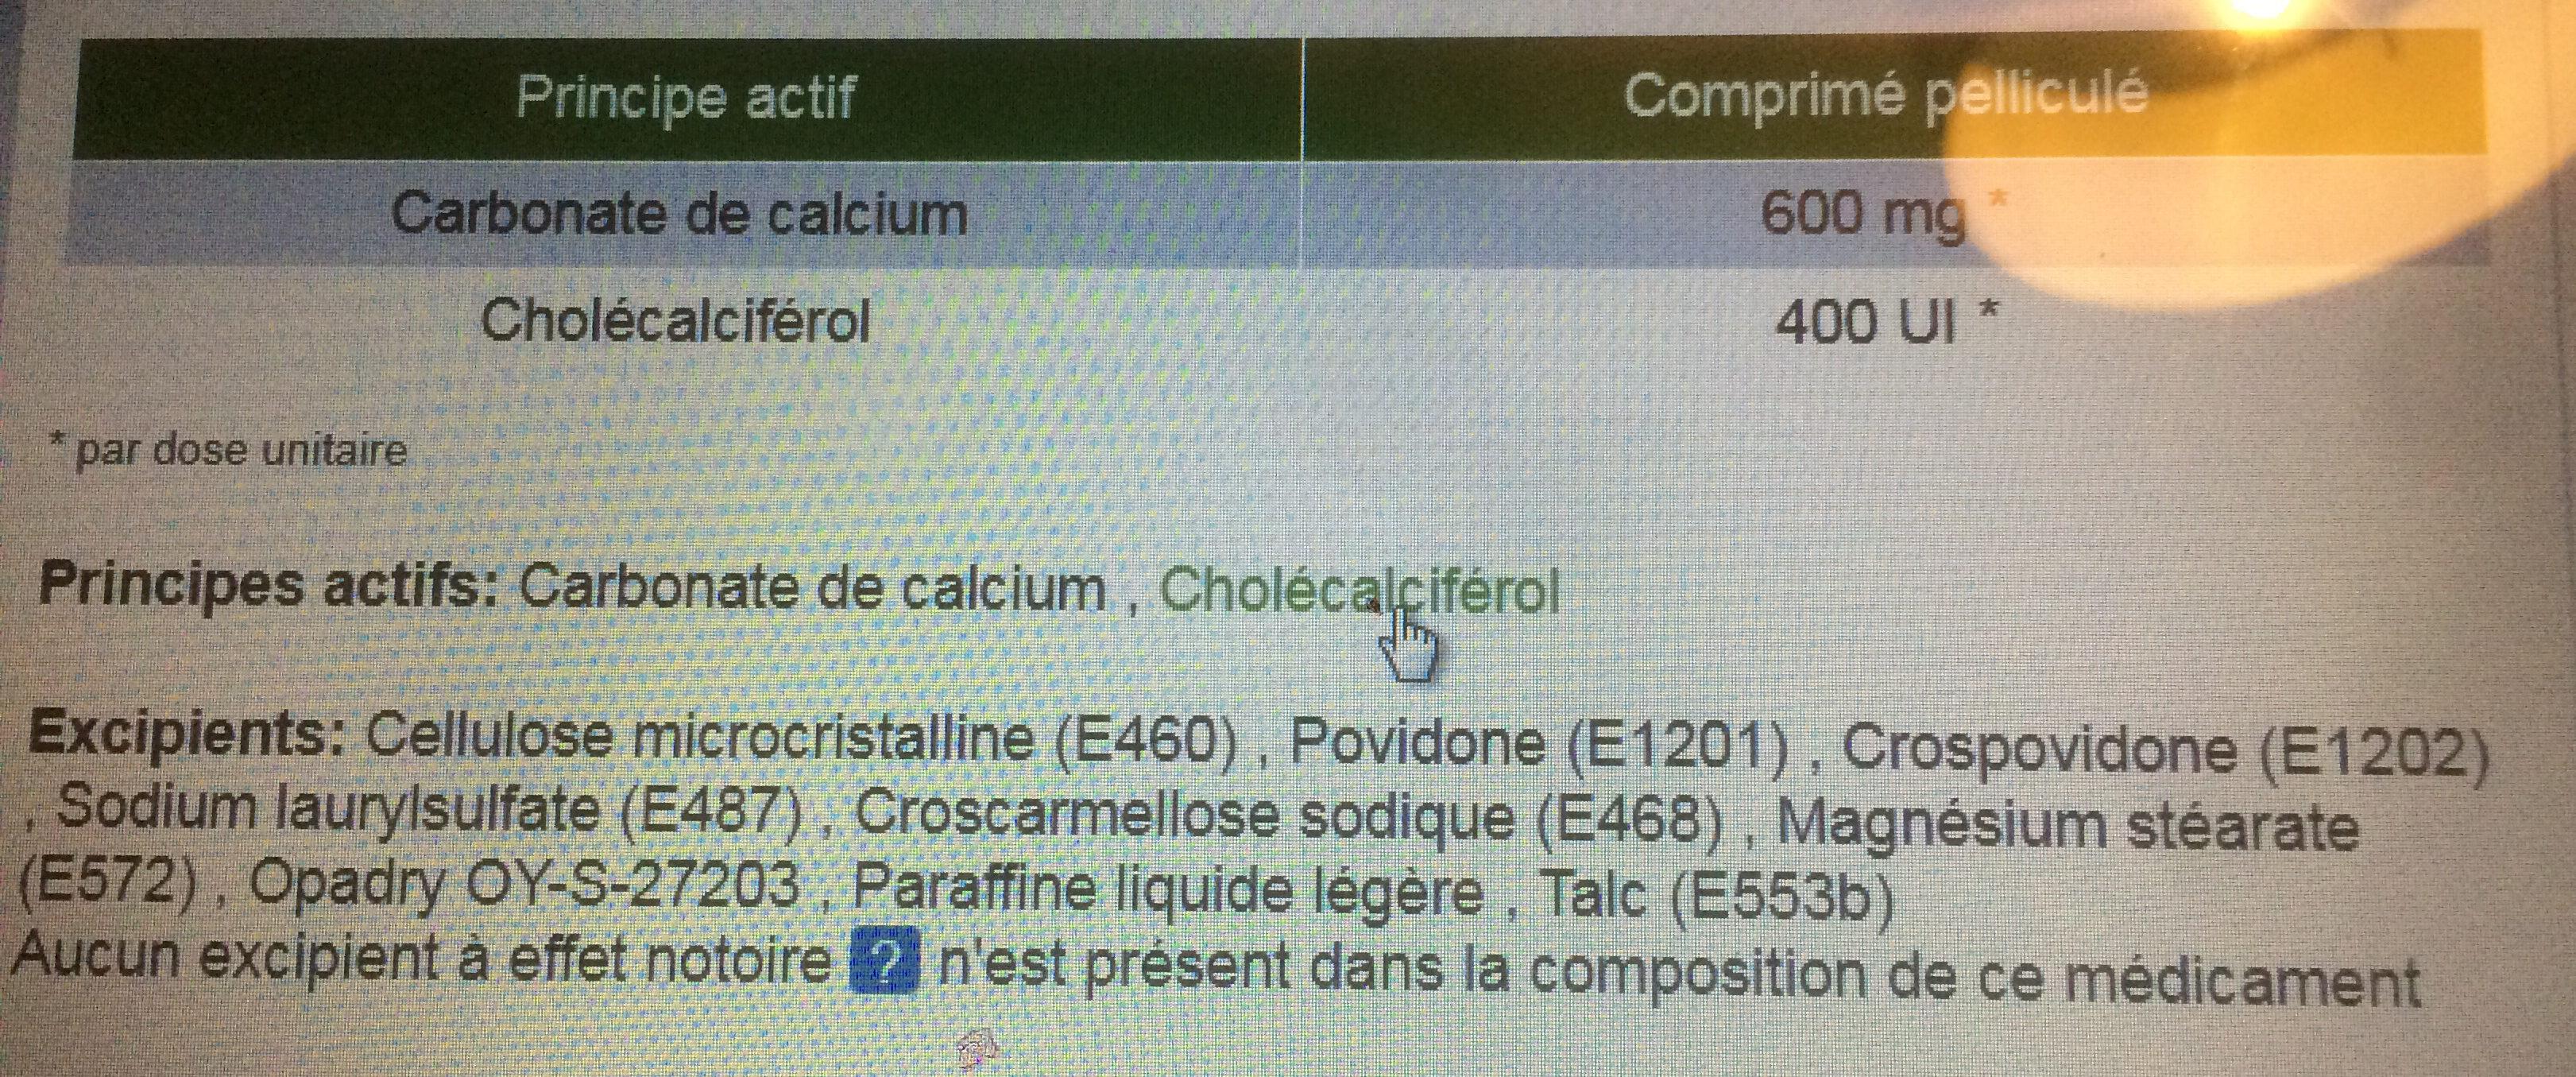 Caltrate vitamine D3 - Ingredients - fr